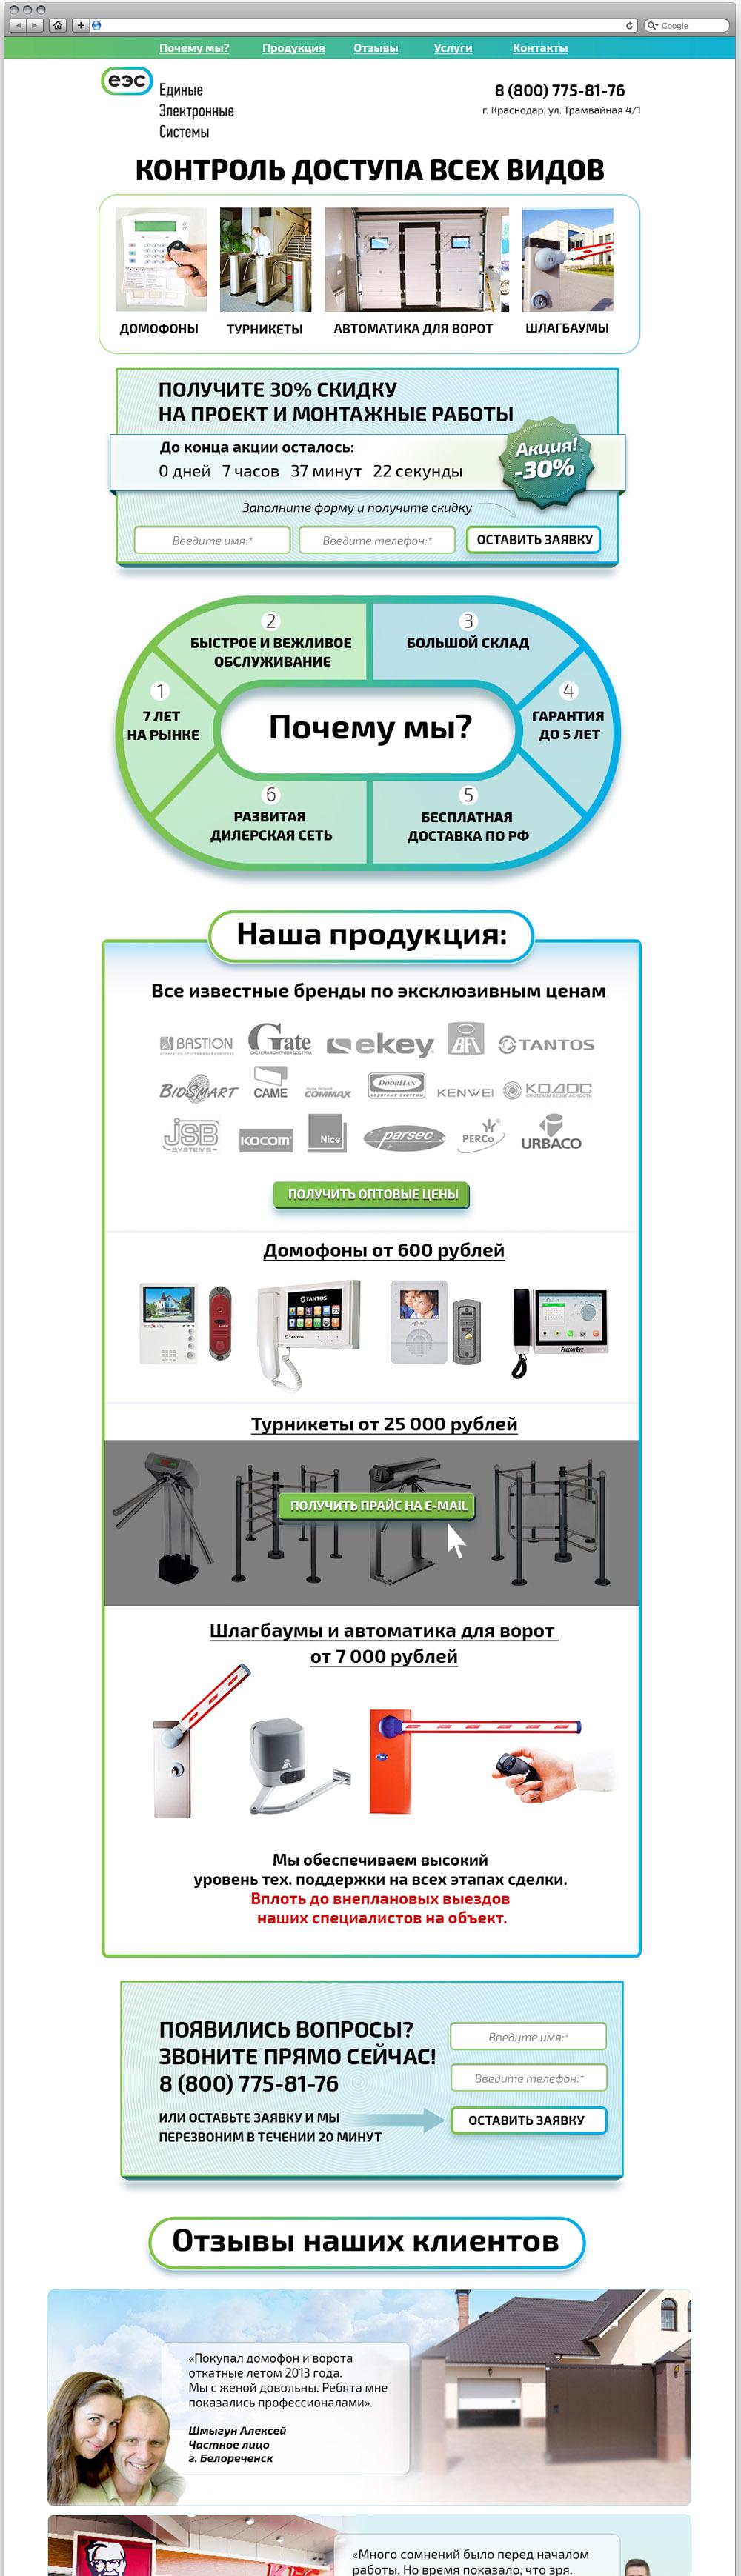 LANDING PAGE для компании по продаже систем видеонаблюдения